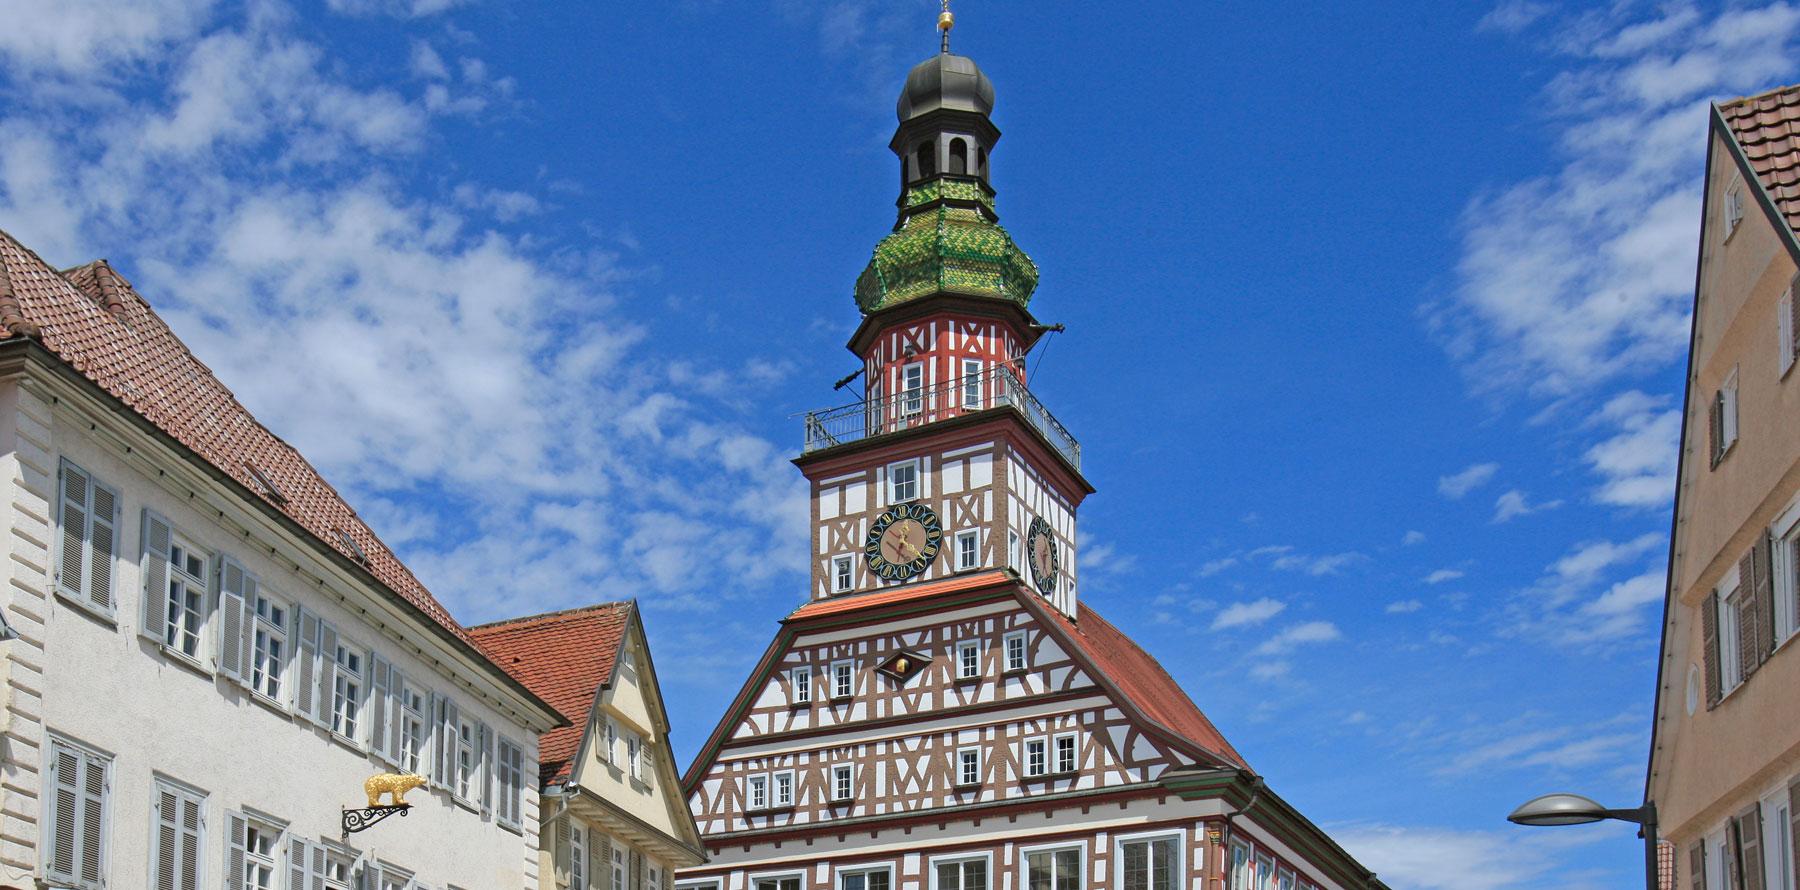 Der obere Teil des historischen Kirchheimer Fachwerk-Rathauses, im Hintergrund blauer Himmel mit wenigen Wolken